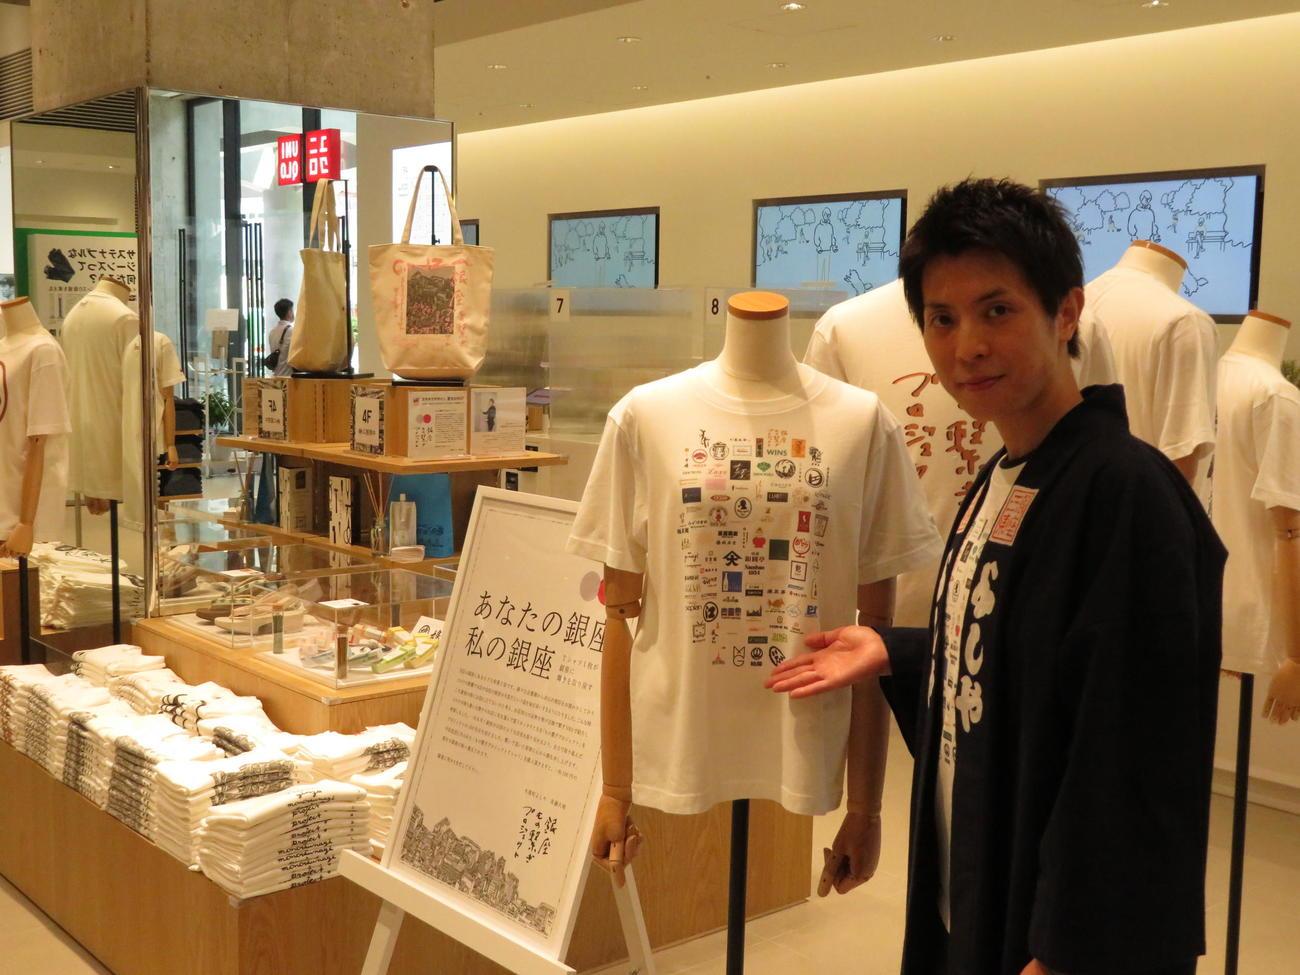 14日からユニクロTOKYO店で発売開始した東京・銀座の「もの繋ぎプロジェクト」のオリジナルチャリティーTシャツをPRする発起人、「木挽町よしや」の斉藤大地さん(2020年8月14日)(撮影・近藤由美子)